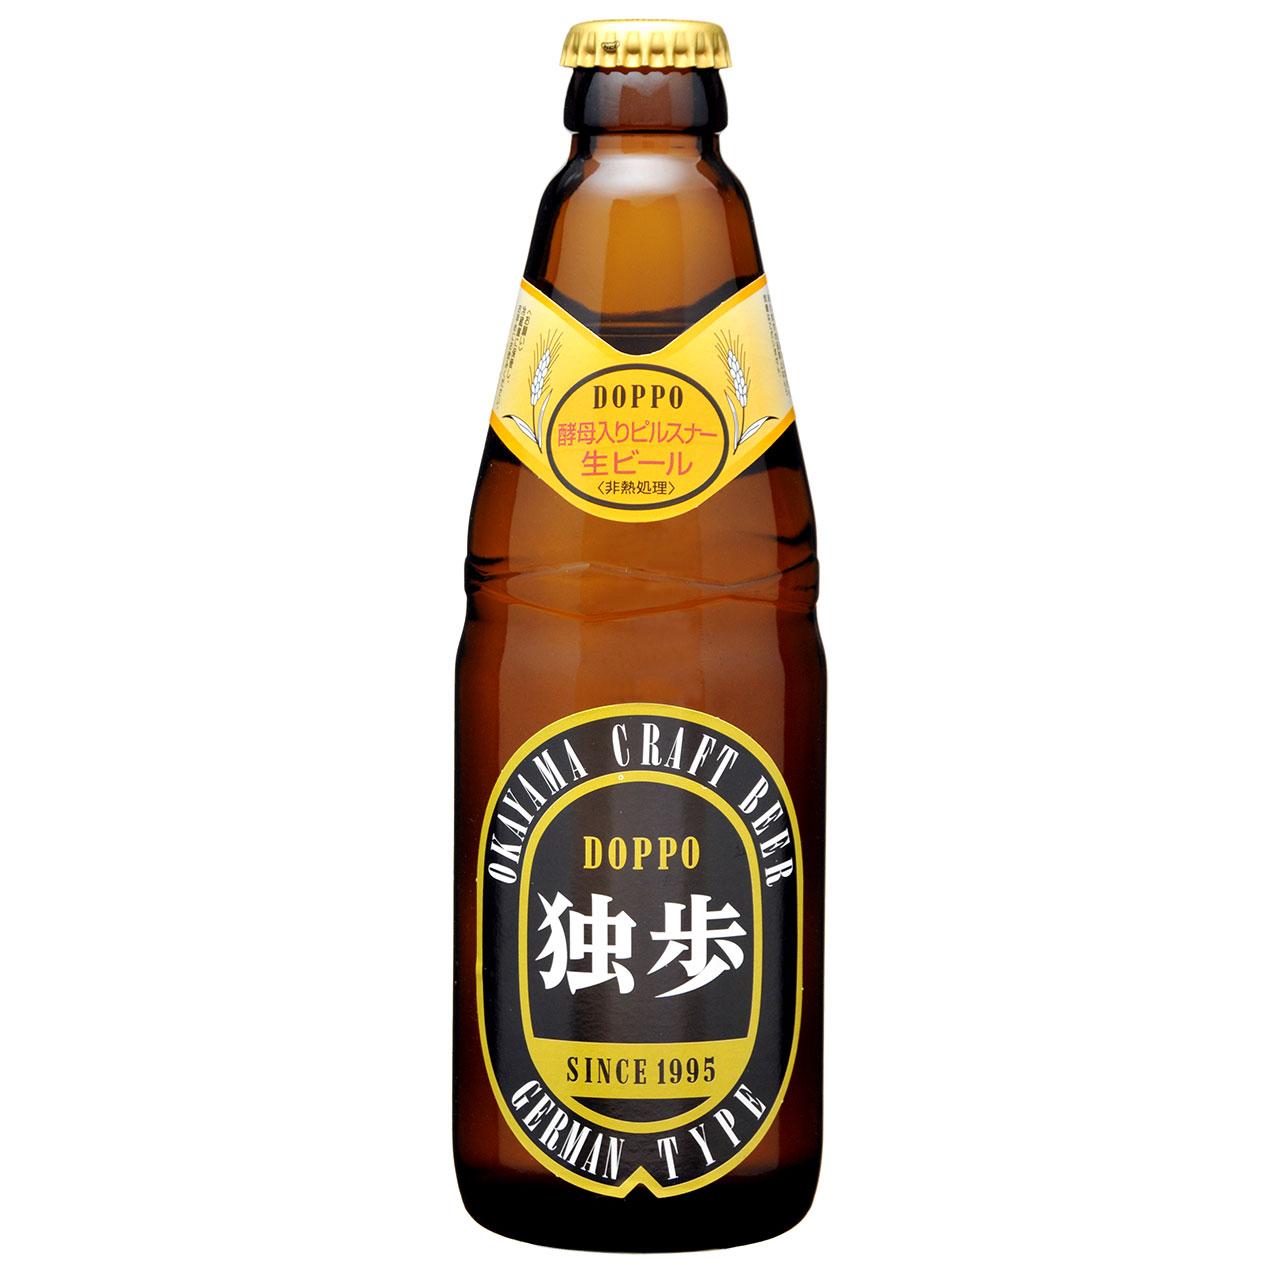 お酒 お中元 ギフト 独歩ビール ピルスナー 330ml 24本 岡山県 宮下酒造 クラフトビール ケース販売 クール便 プレゼント